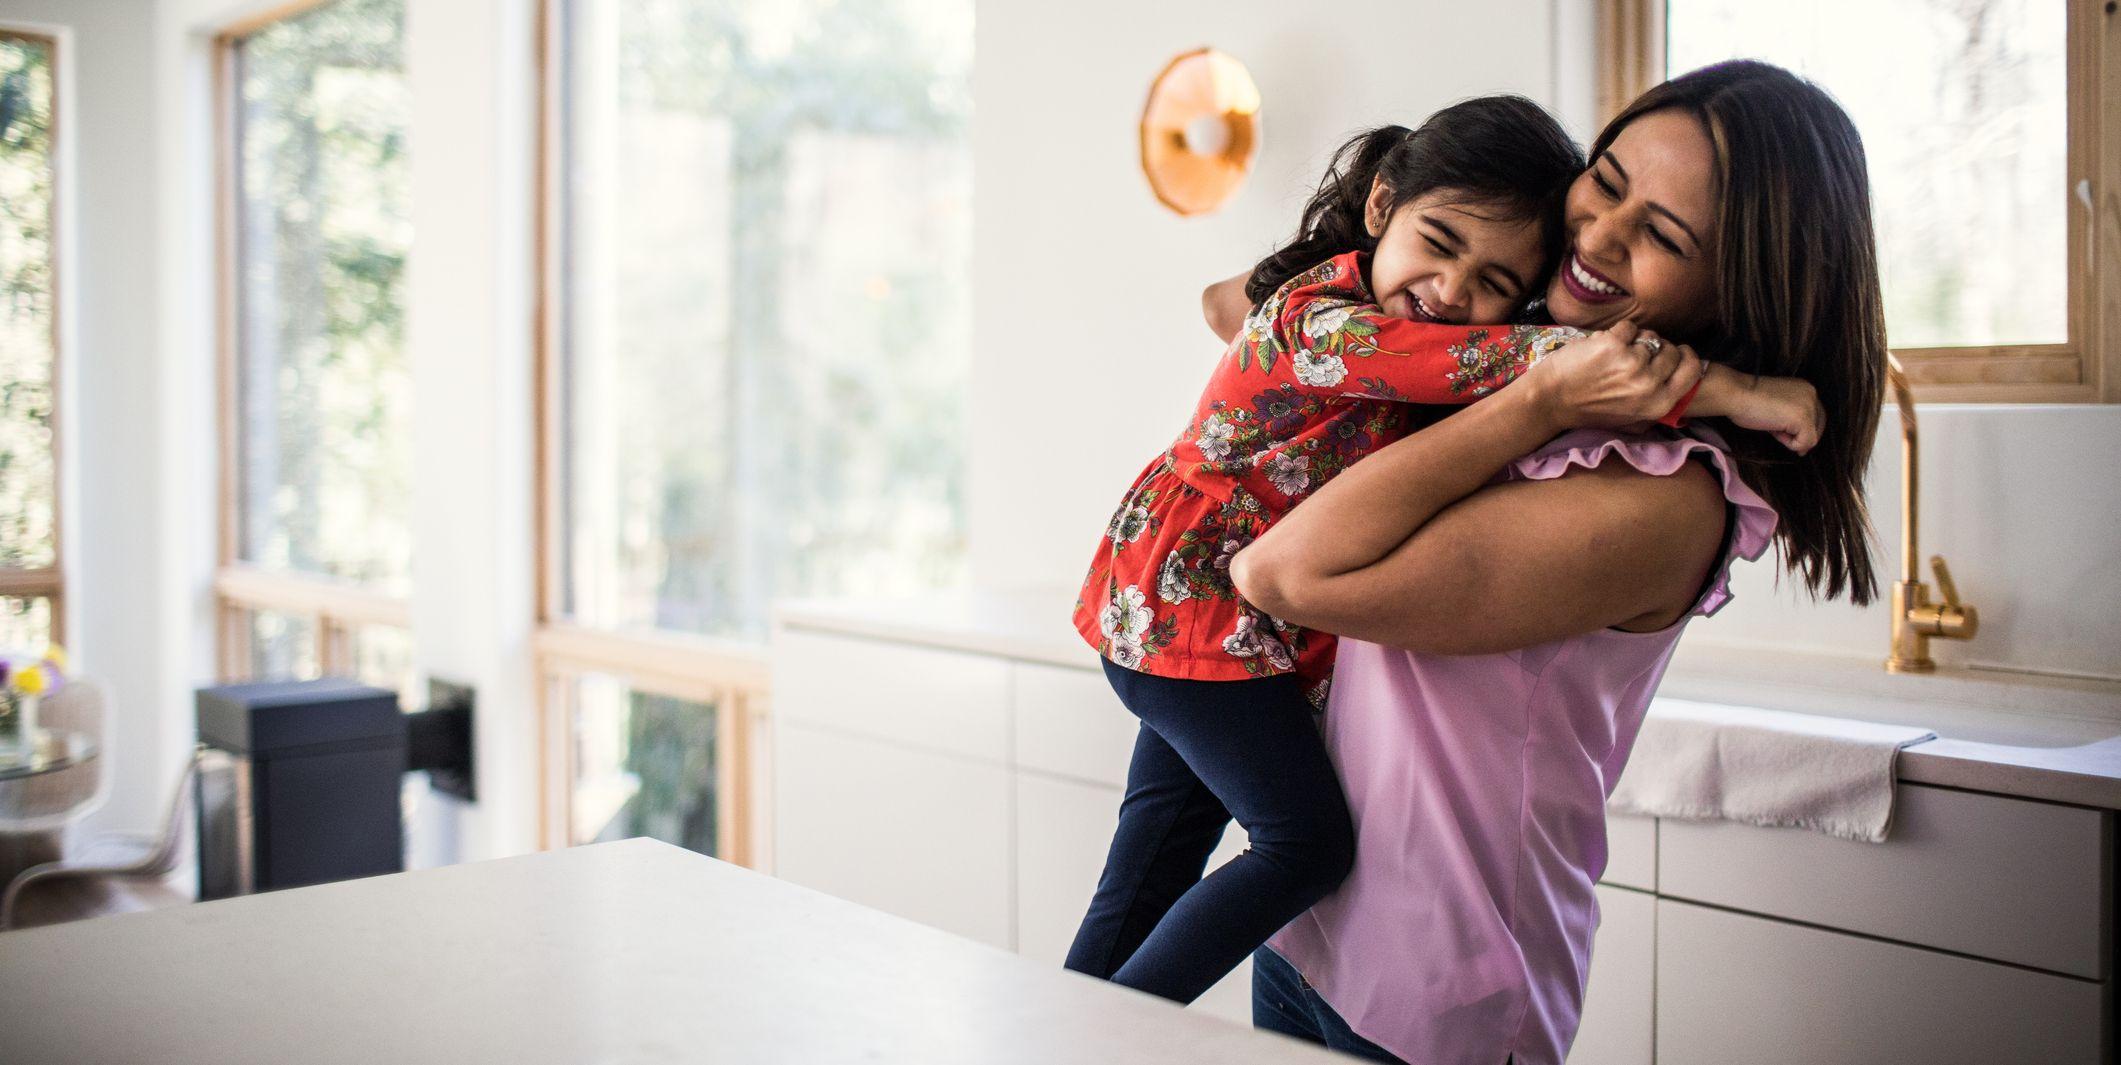 frases para aumentar la autoestima de los niños